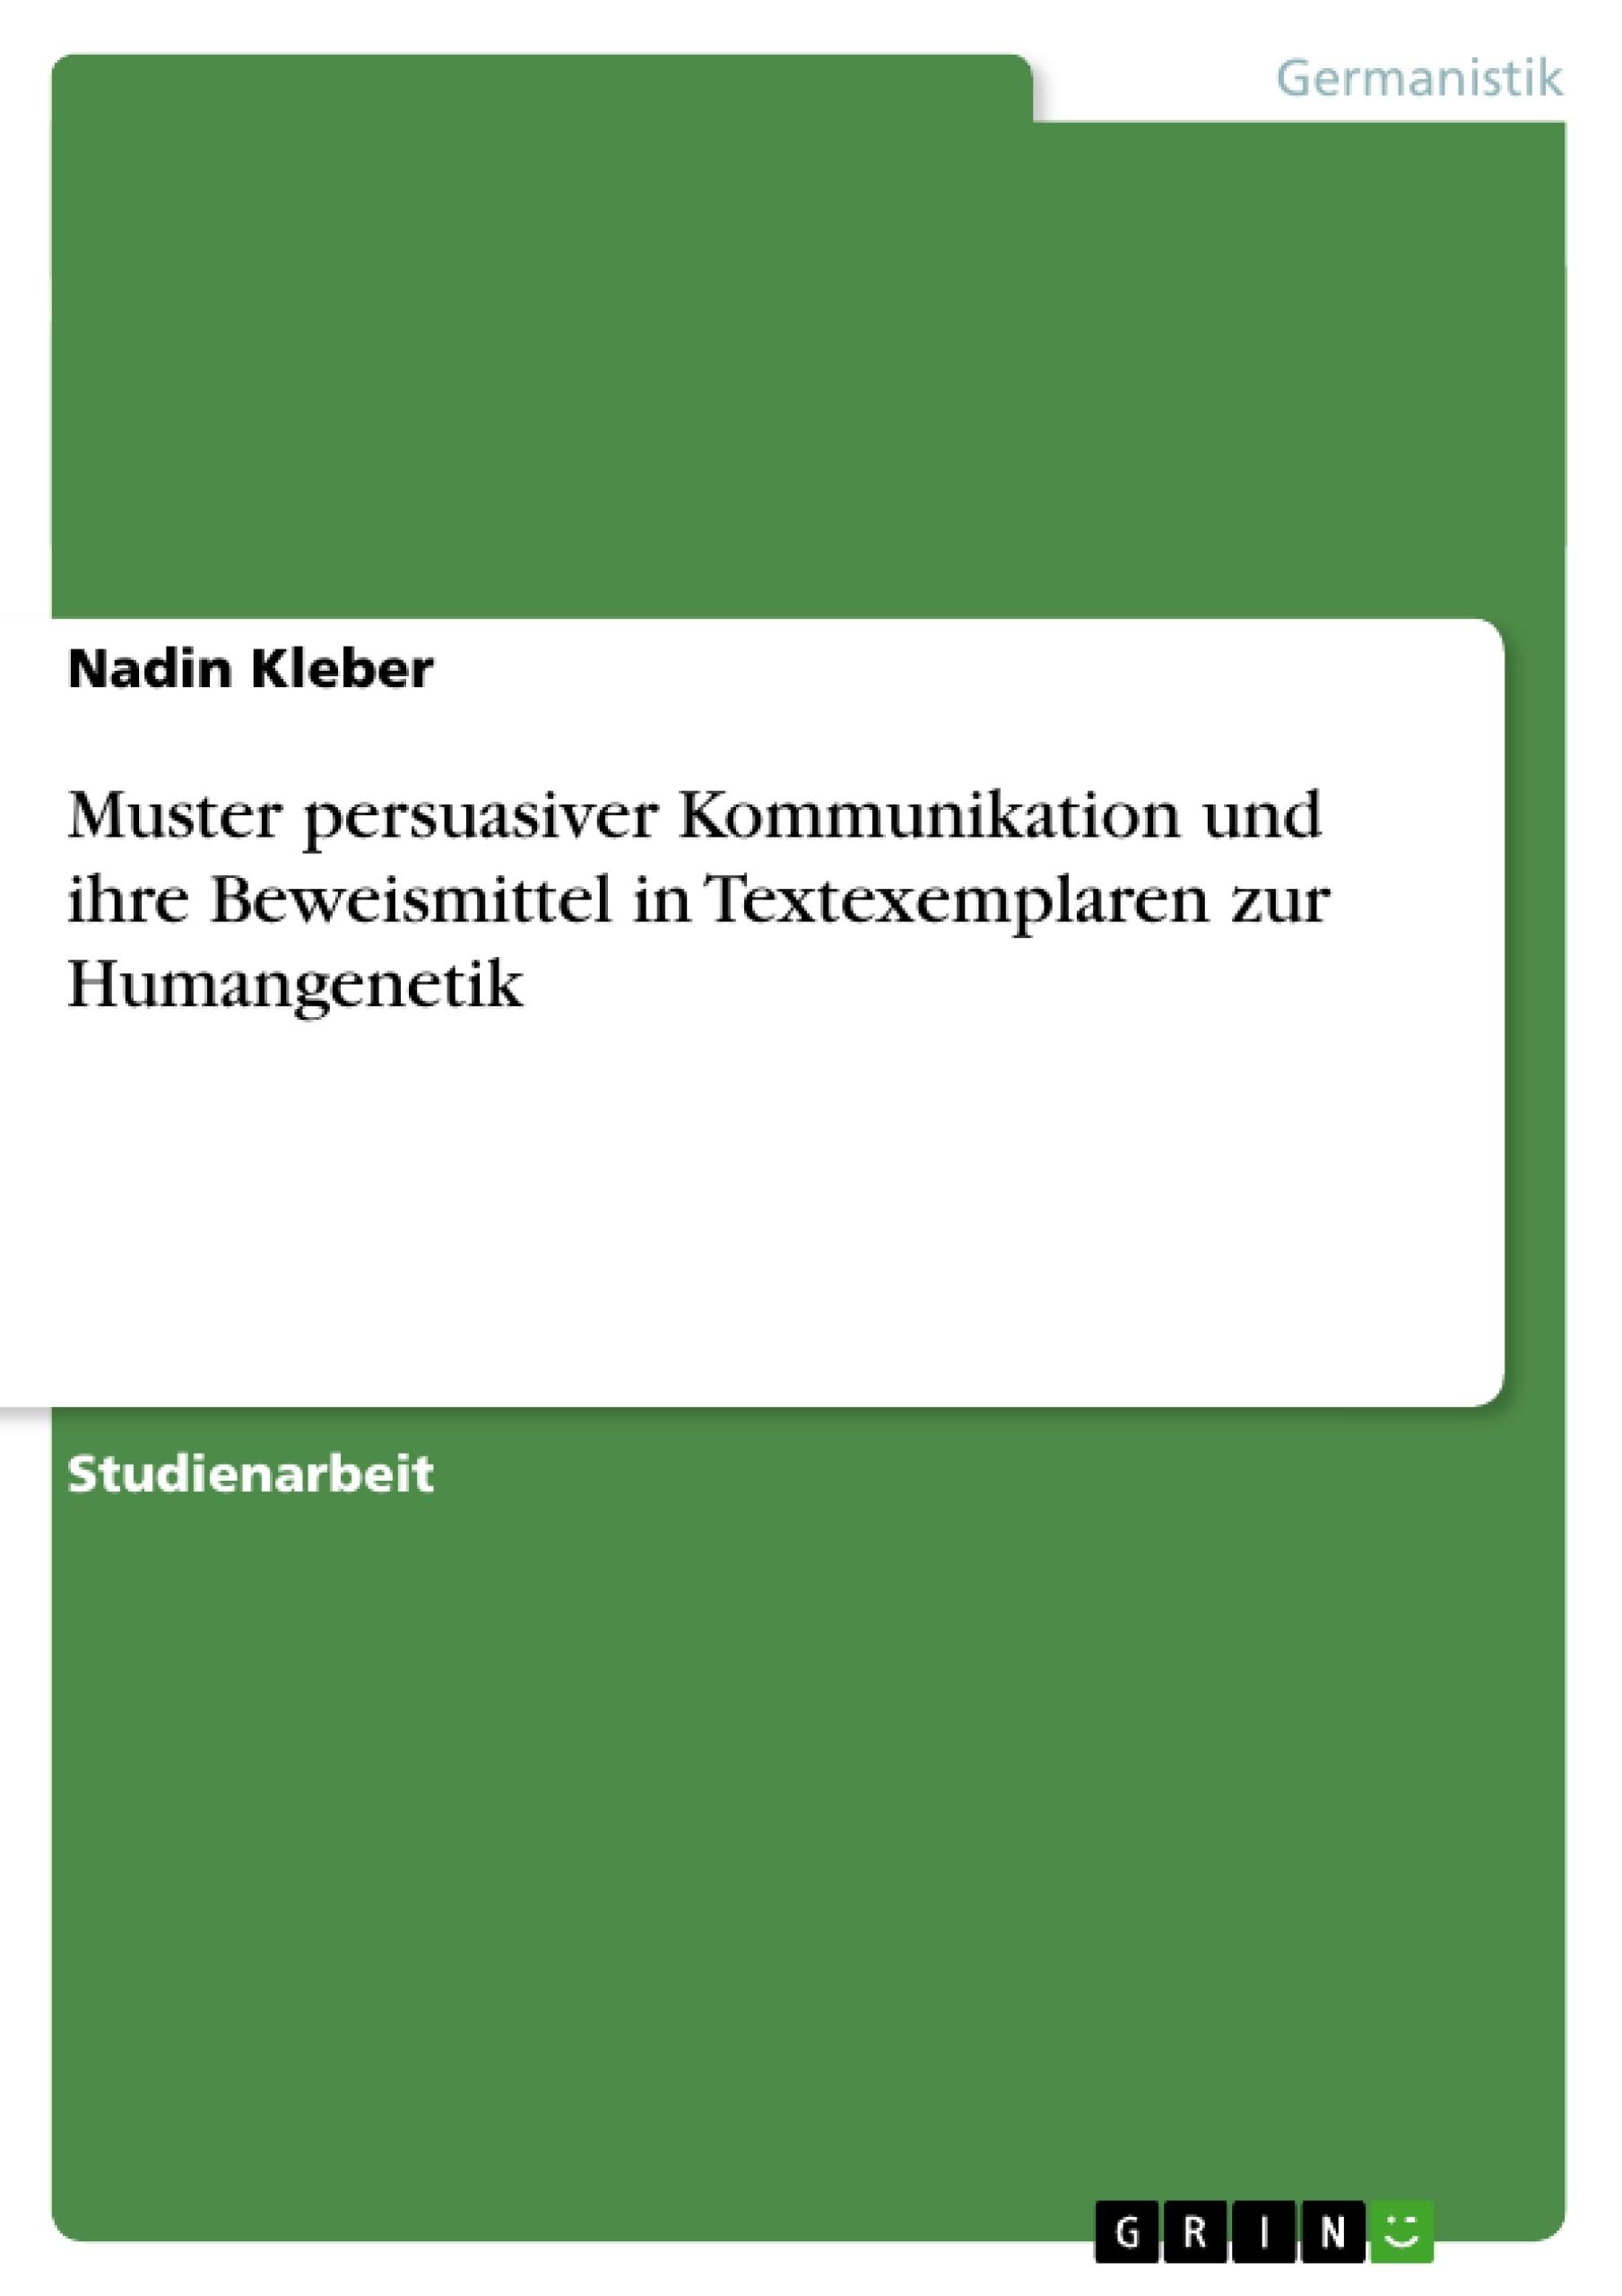 Titel: Muster persuasiver Kommunikation und ihre Beweismittel in Textexemplaren zur Humangenetik